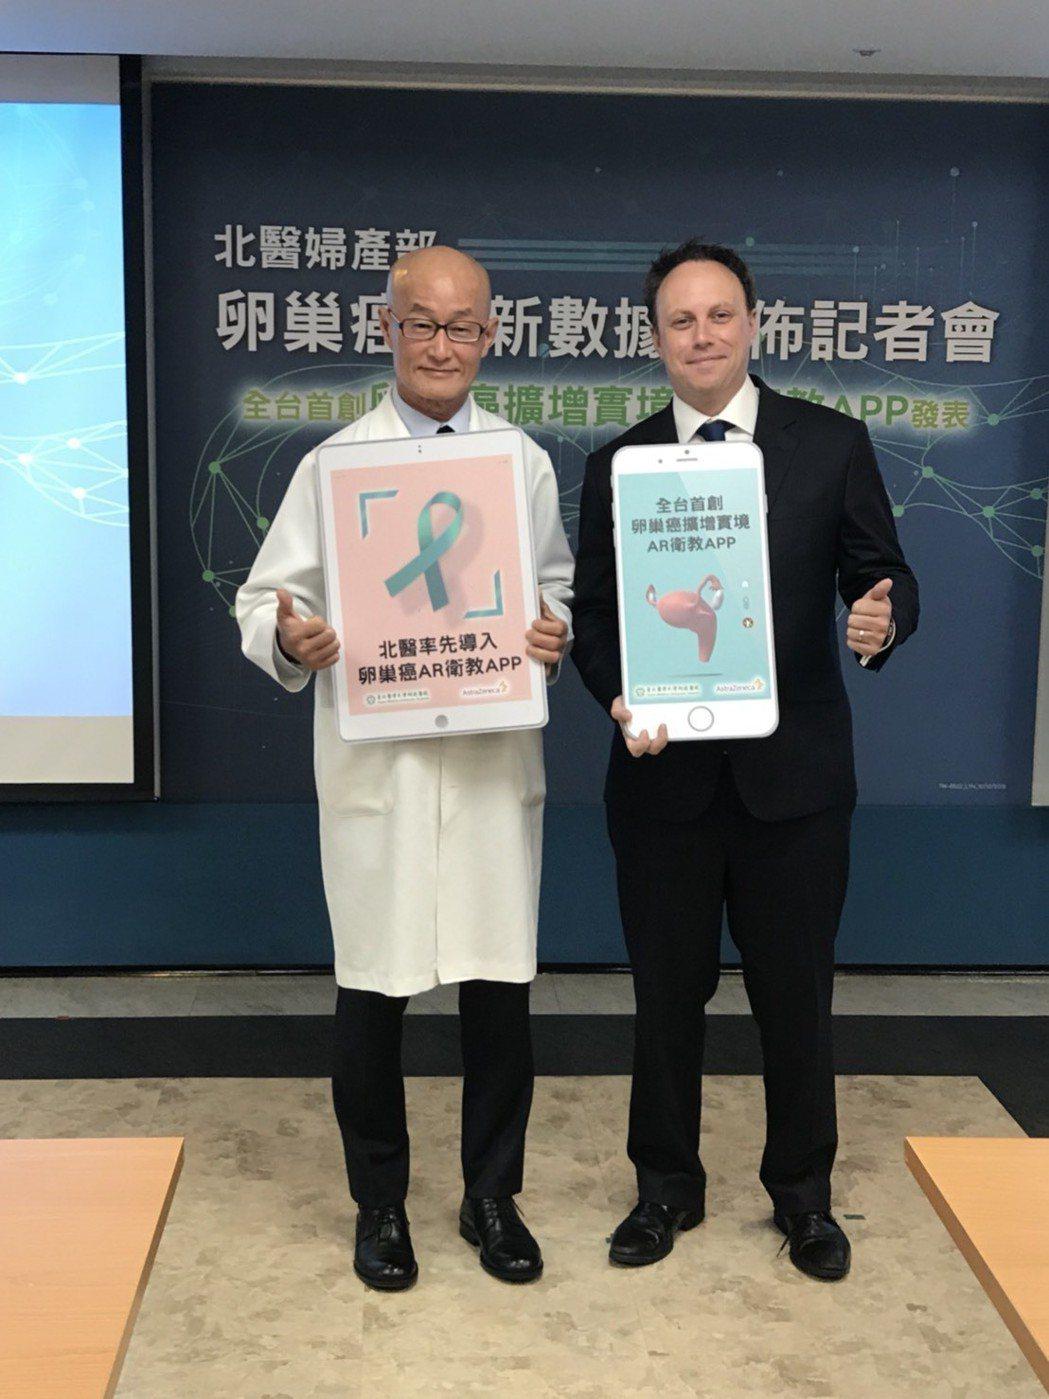 北醫與AstraZeneca合作推出「卵巢癌擴增實境APP」並應用於診間與民眾衛...